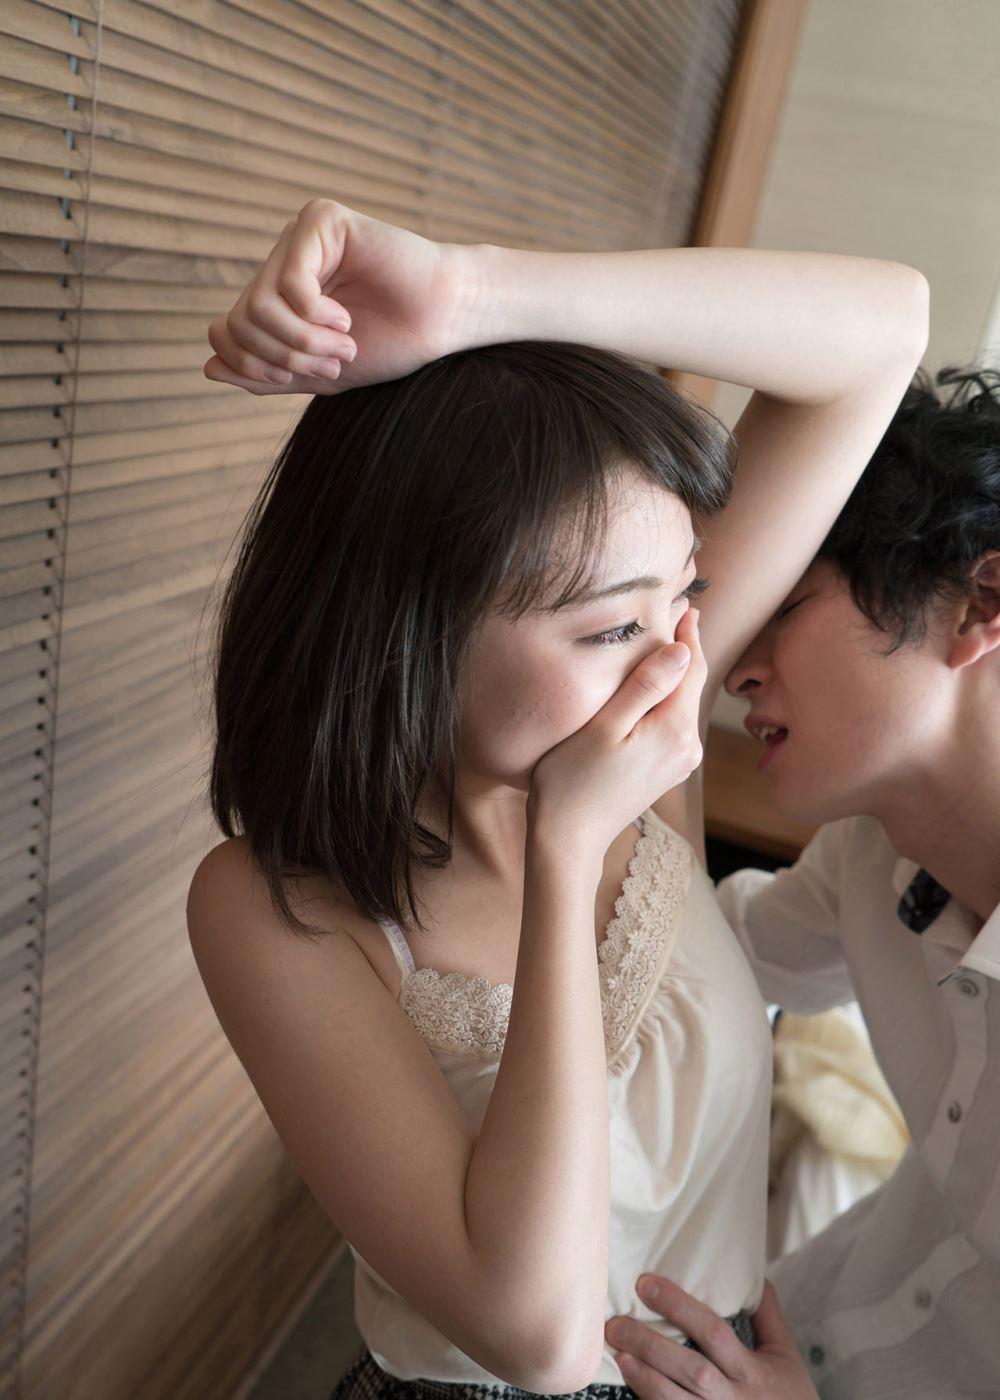 高山えみり セックス画像 24